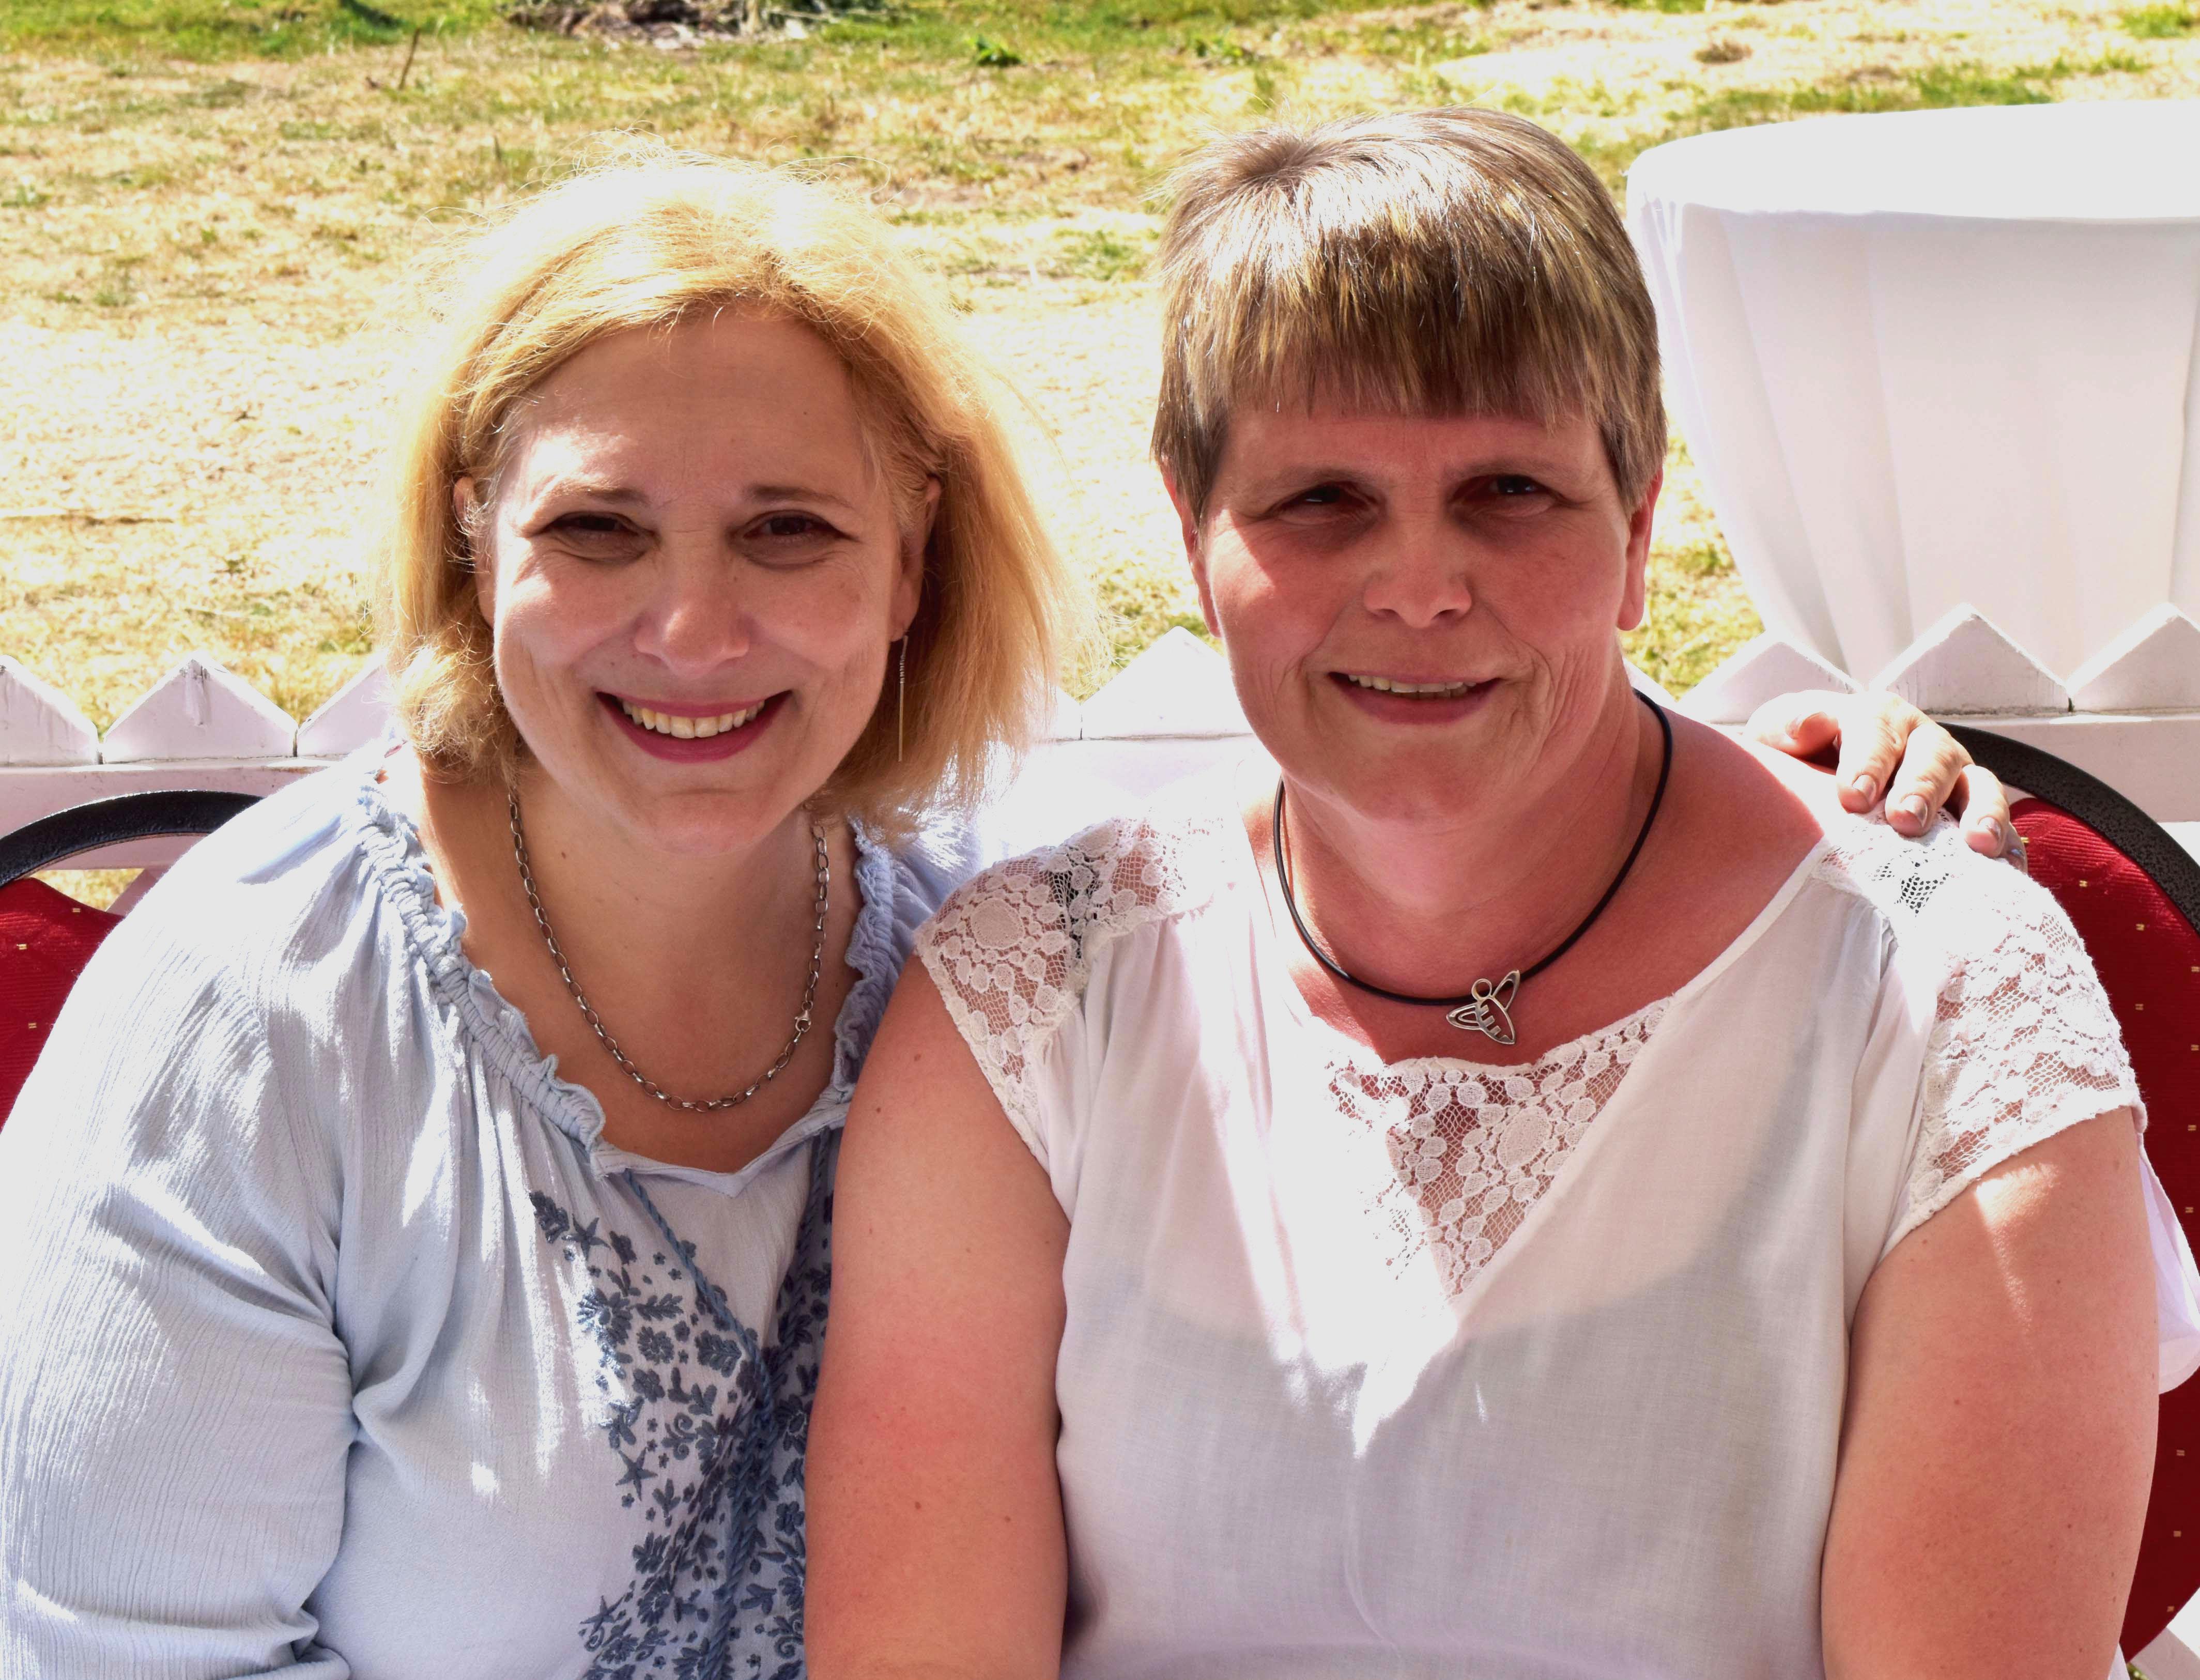 Dr. Daniela De Ridder und Johanne Kampert setzen sich für die ländliche Region ein